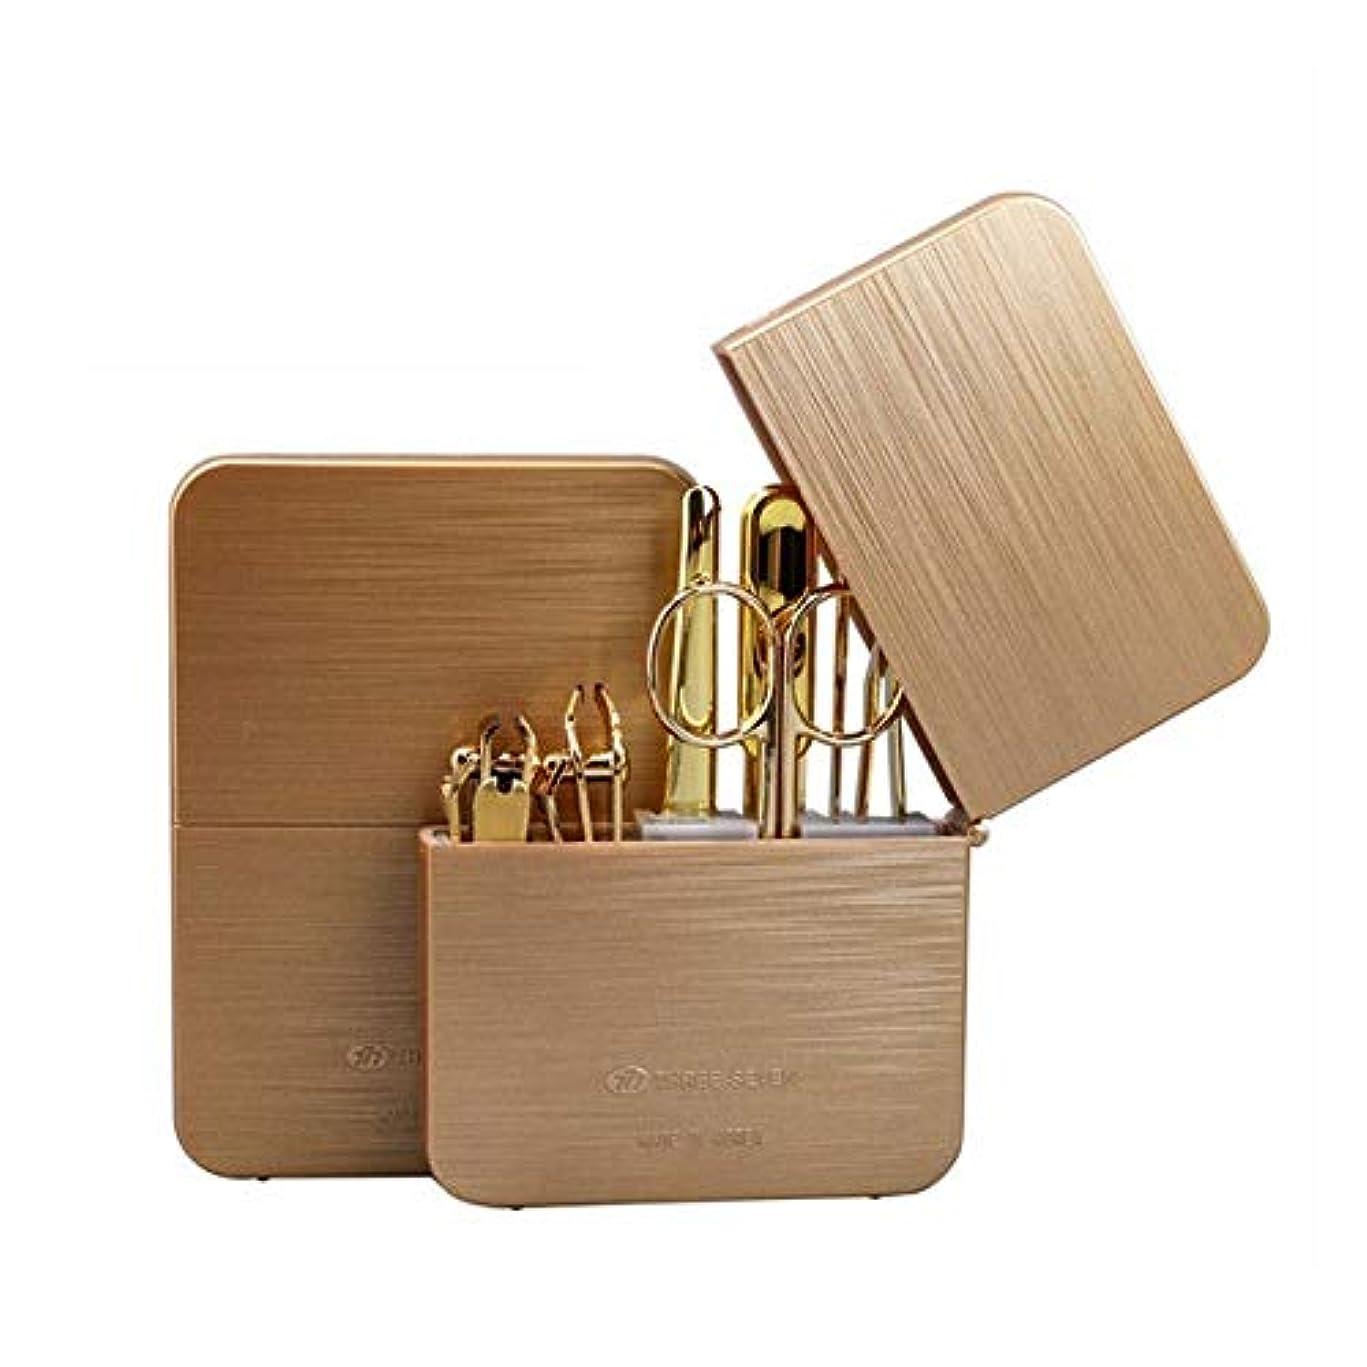 笑人に関する限り特異なTUOFL 7パーソナルケア修理ツール、マニキュアツール、炭素鋼、シャープで耐久性、完全に機能 (Color : Gold)